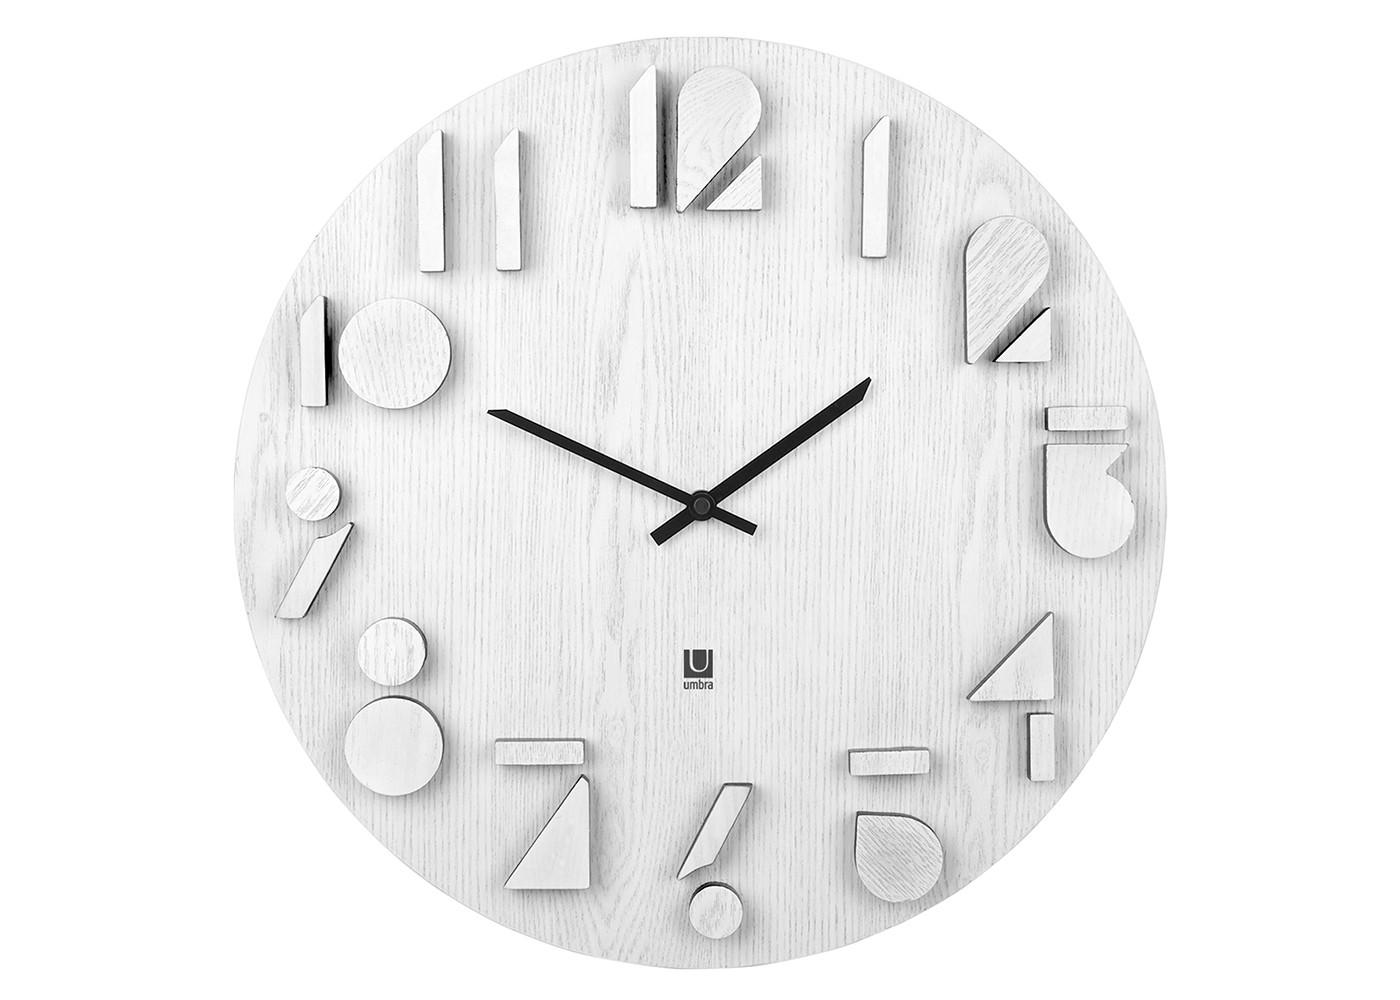 Часы настенные ShadowНастенные часы<br>Оригинальные часы с циферблатом из окрашенного в белый цвет натурального дерева. Объемные цифры выполнены из того же материала, что и основание, а их грани подкрашены темным цветом, что создает необычный эффект светотени. Бесшумный ход. Работают от одной стандартной батарейки АА (в комплект не входит).&amp;lt;div&amp;gt;&amp;lt;br&amp;gt;&amp;lt;/div&amp;gt;&amp;lt;div&amp;gt;Дизайн: Alan Wisniewski&amp;lt;/div&amp;gt;<br><br>Material: Дерево<br>Depth см: 2,5<br>Diameter см: 40,5